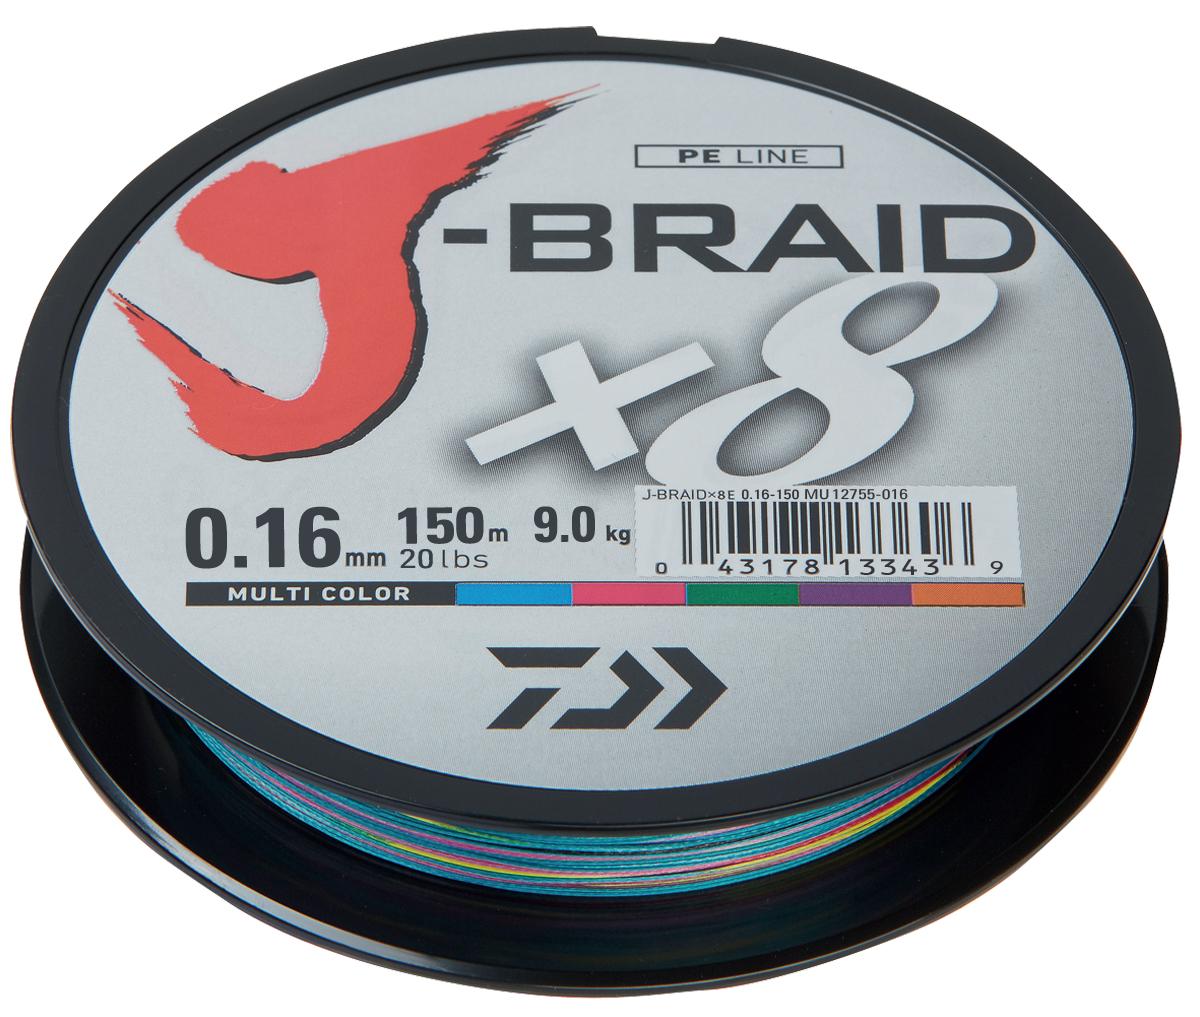 Шнур плетеный Daiwa J-Braid X8, цвет: мультиколор, 150 м, 0,16 мм61120J-Braid от DAIWA - исключительный шнур с плетением в 8 нитей. Он полностью удовлетворяет всем требованиям, предъявляемым высококачественным плетеным шнурам. Неважно, собрались ли вы ловить крупных морских хищников, как палтус, треска или сайда, или окуня и судака, с вашим новым J-Braid вы всегда контролируете рыбу. J-Braid предлагает соответствующий диаметр для любых техник ловли: море, река или озеро - невероятно прочный и надежный. J-Braid скользит через кольца, обеспечивая дальний и точный заброс даже самых легких приманок. Идеален для спиннинговых и бейткастинговых катушек! Невероятное соотношение цены и качества!